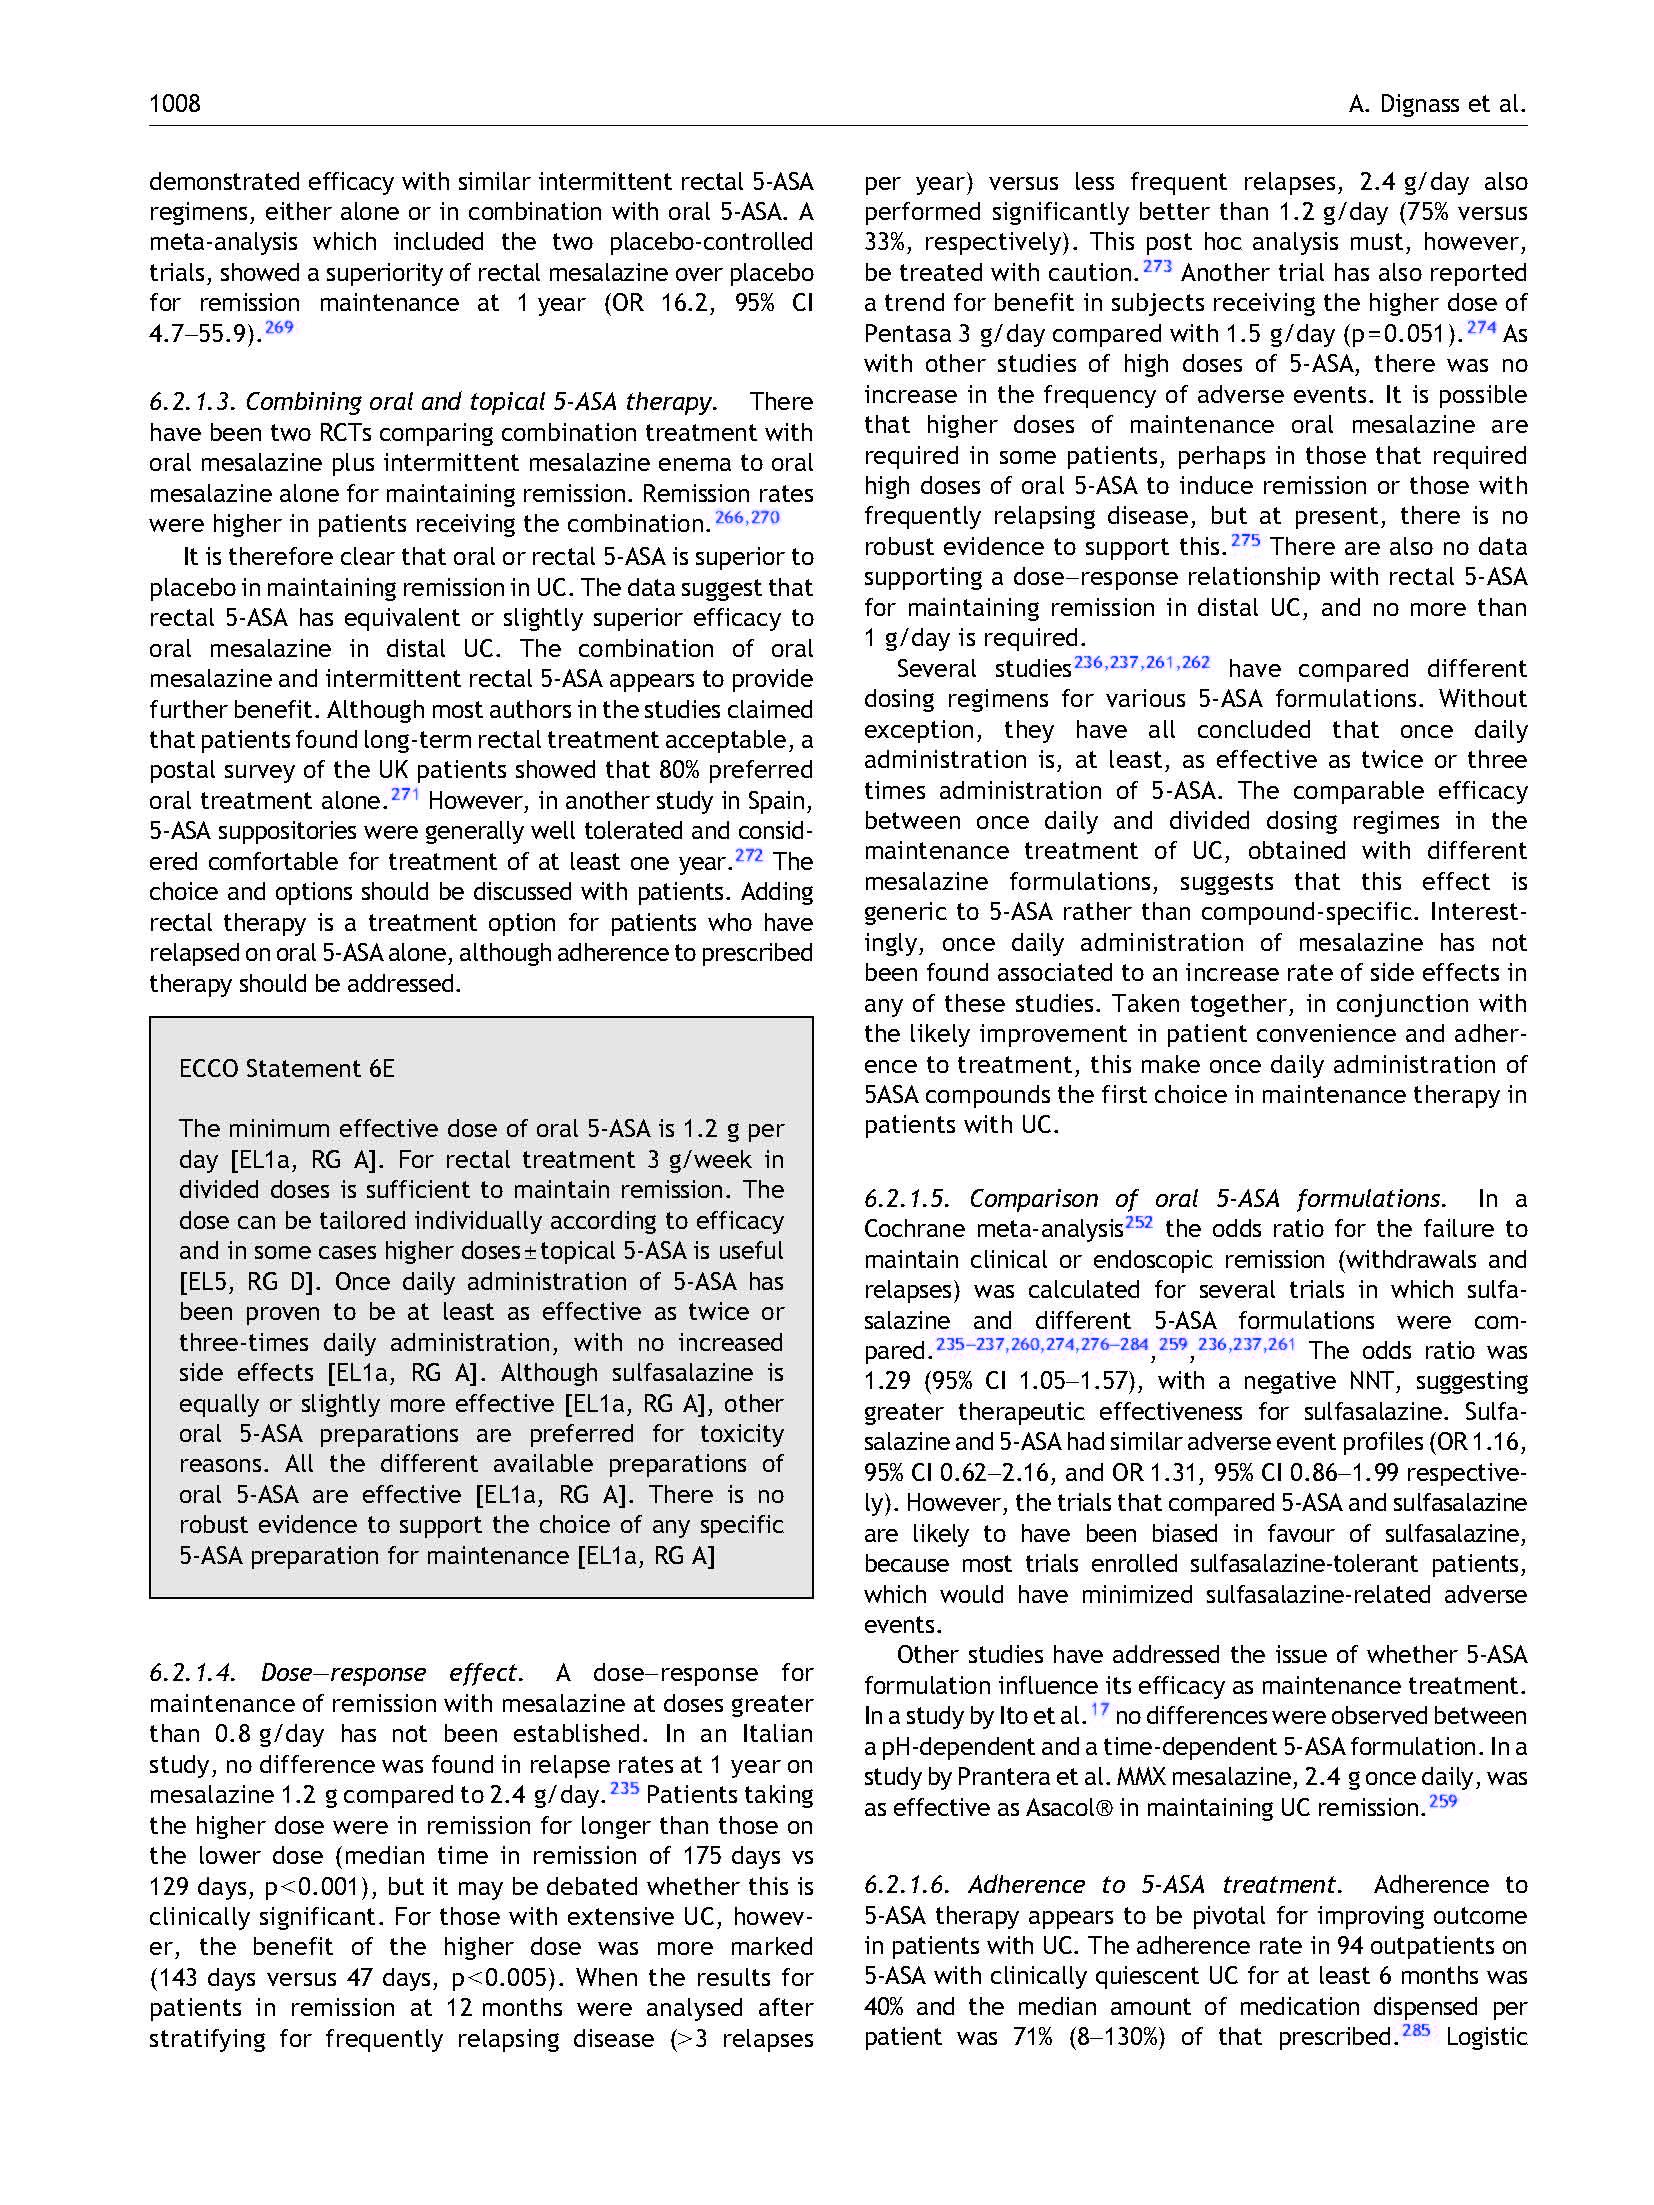 2012-ECCO第二版-欧洲询证共识:溃疡性结肠炎的诊断和处理—日常处理_页面_18.jpg